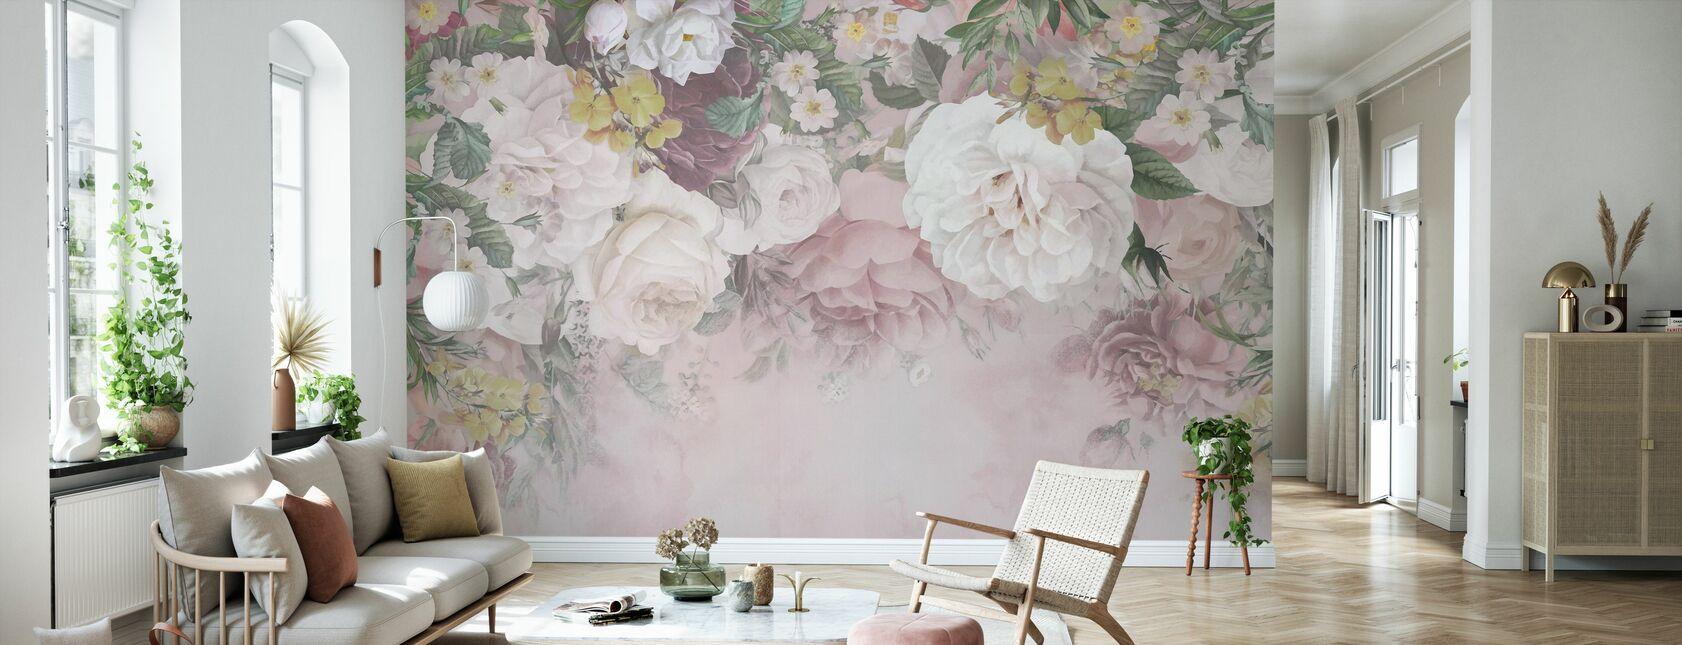 Gentle Flowers - Wallpaper - Living Room